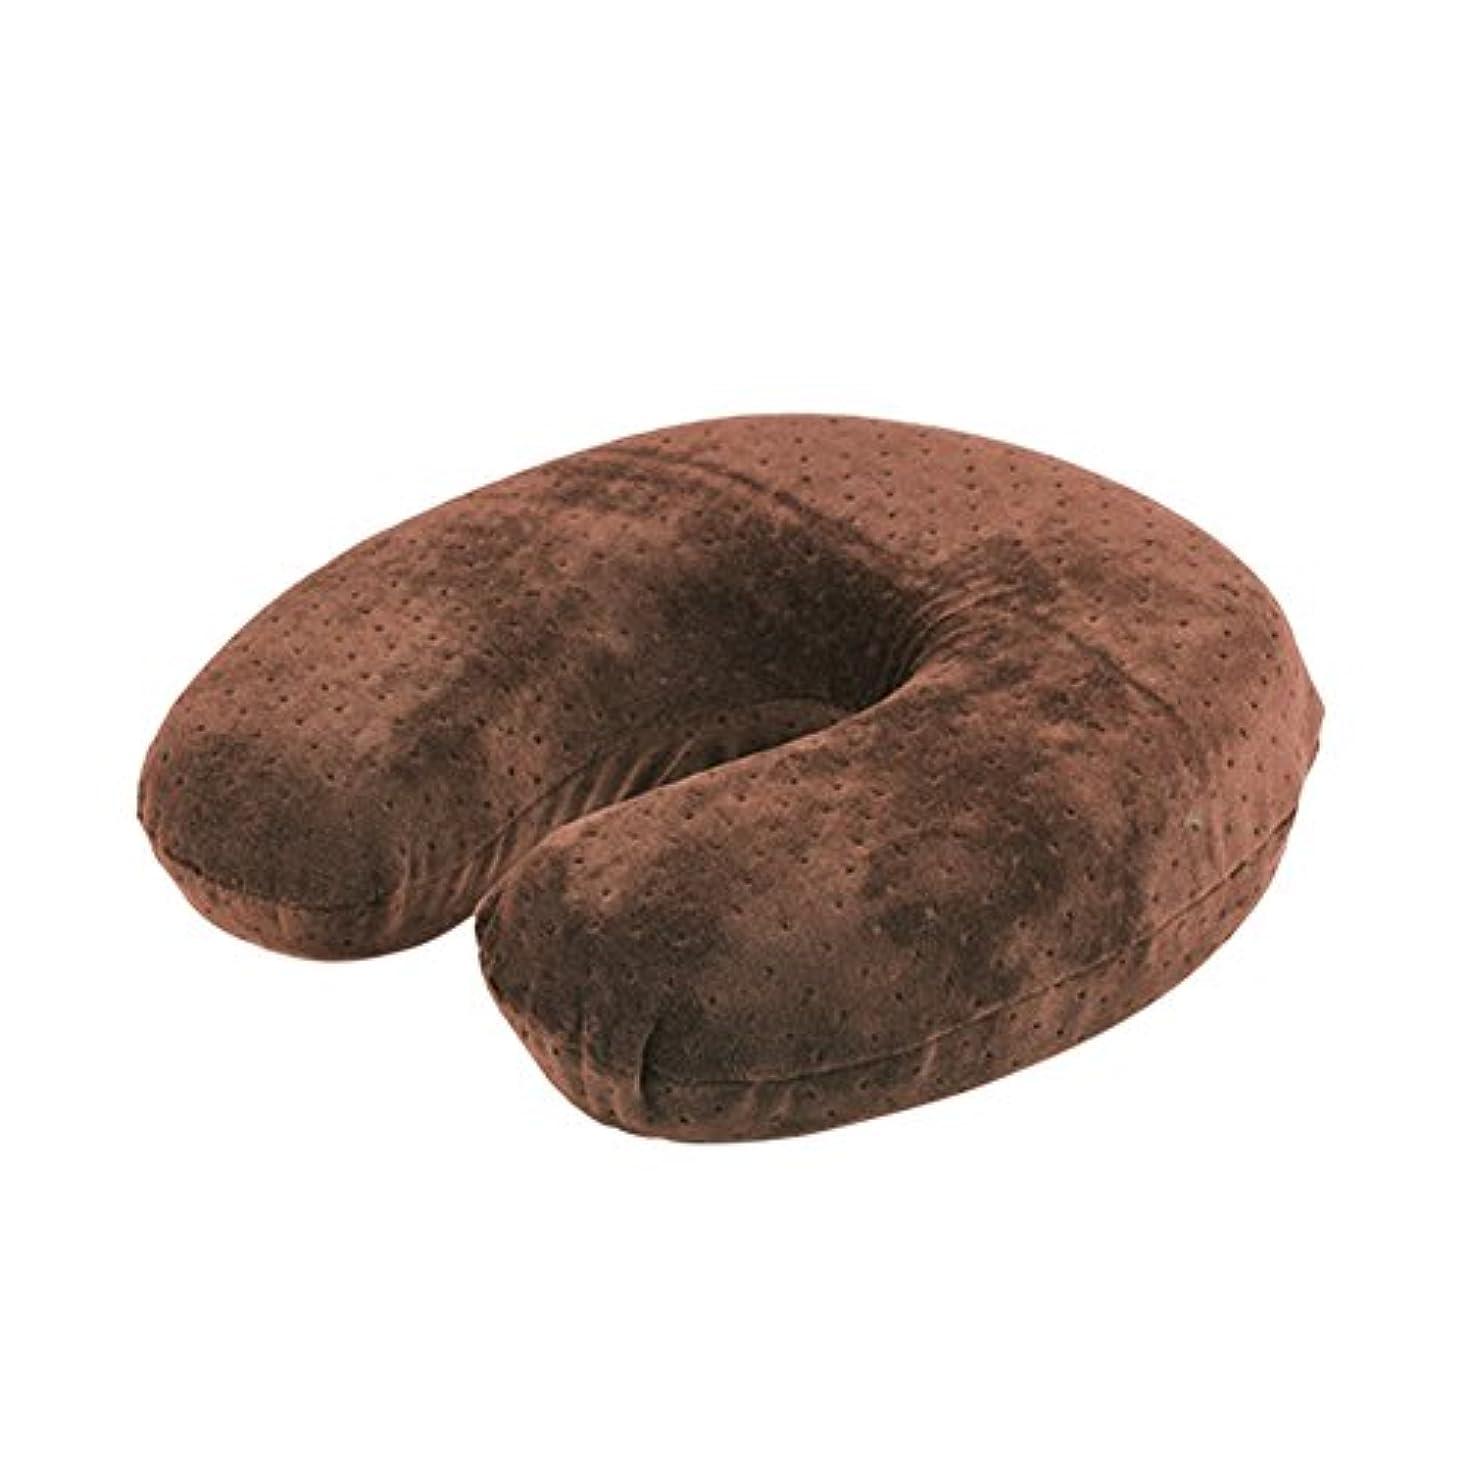 リマークショルダー然としたU字型枕、ビロードの反発の記憶泡の首の頭部の頚部枕残り旅行クッション(Brown)